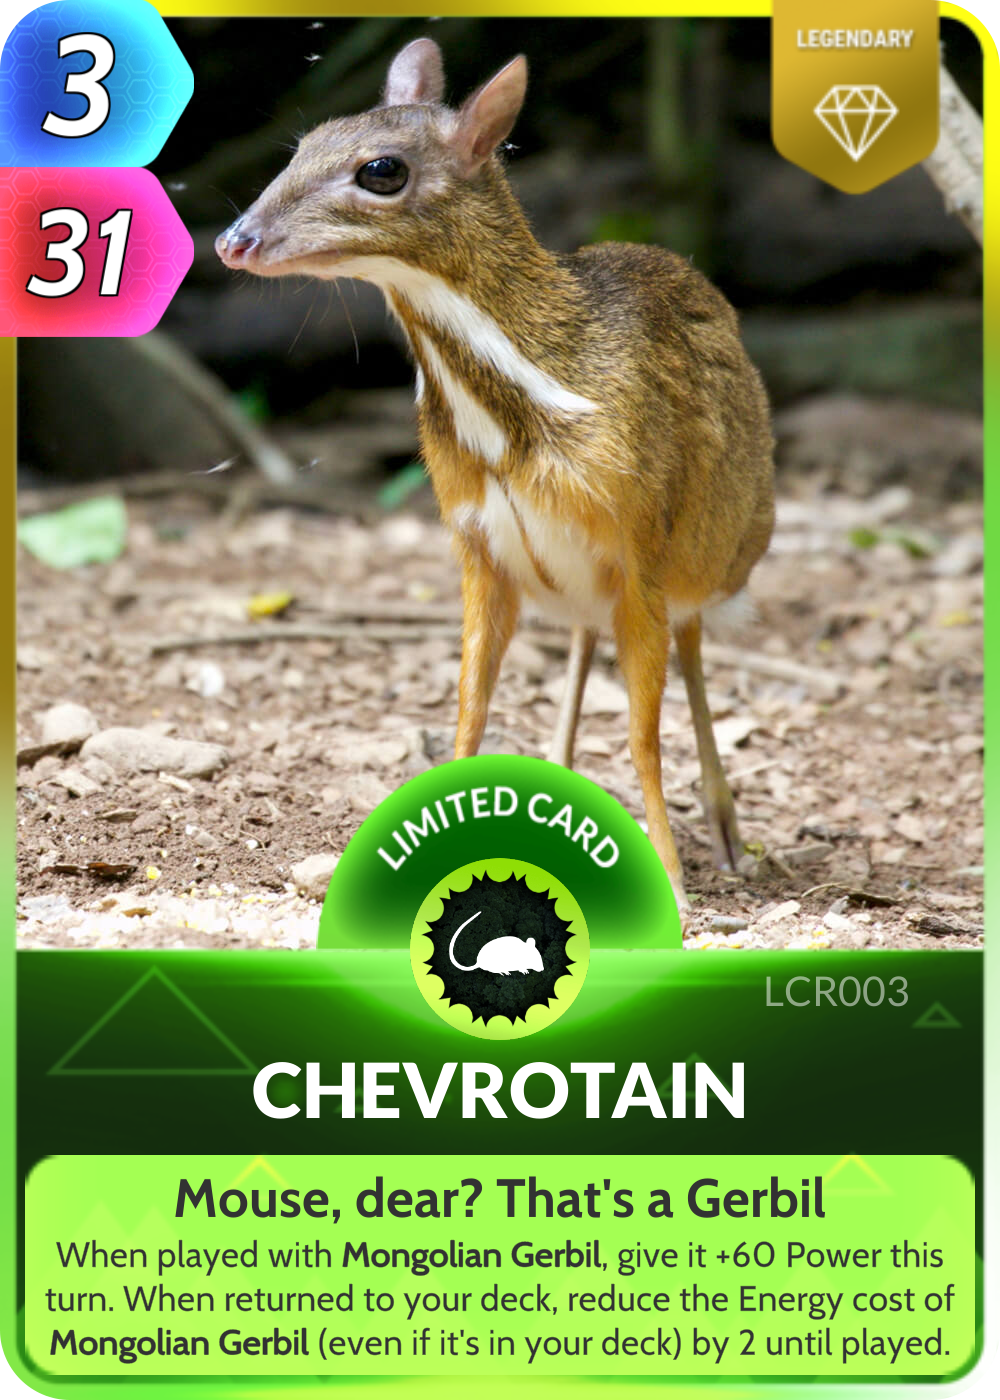 Chevrotain